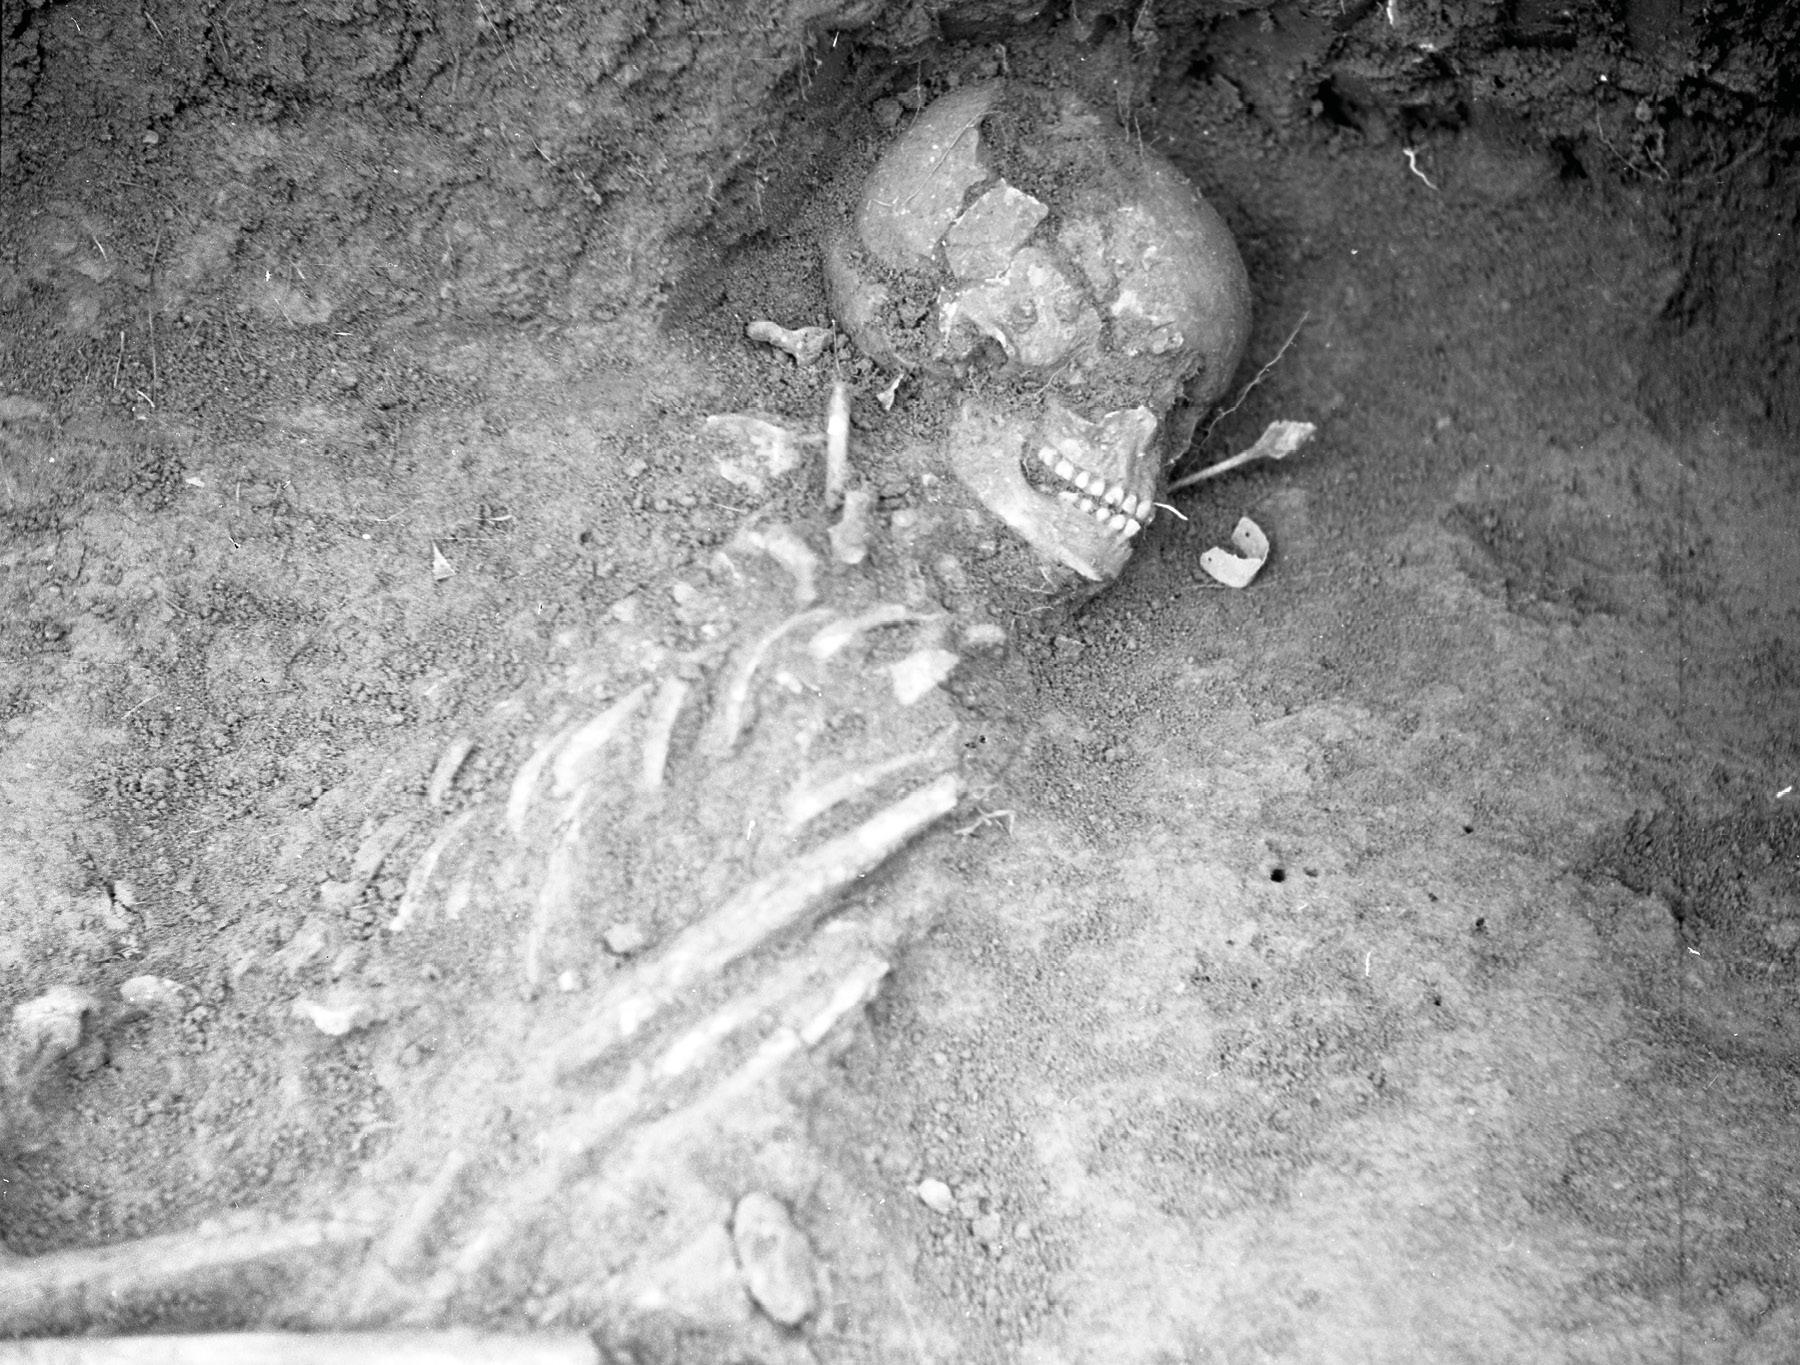 Hrob dievčaťa zo staršej doby bronzovej